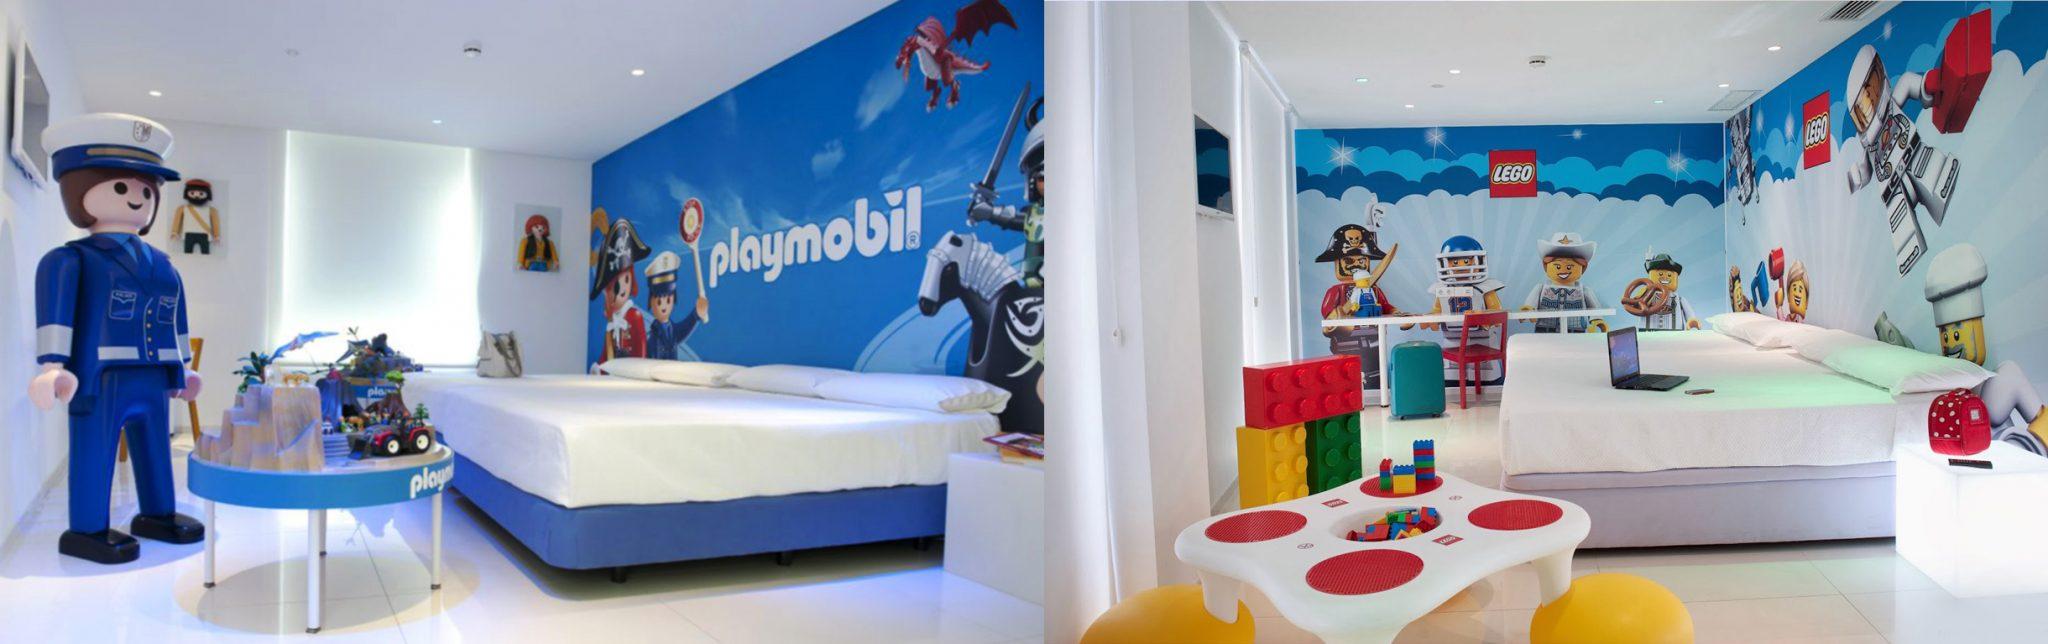 Hotel del juguete 2